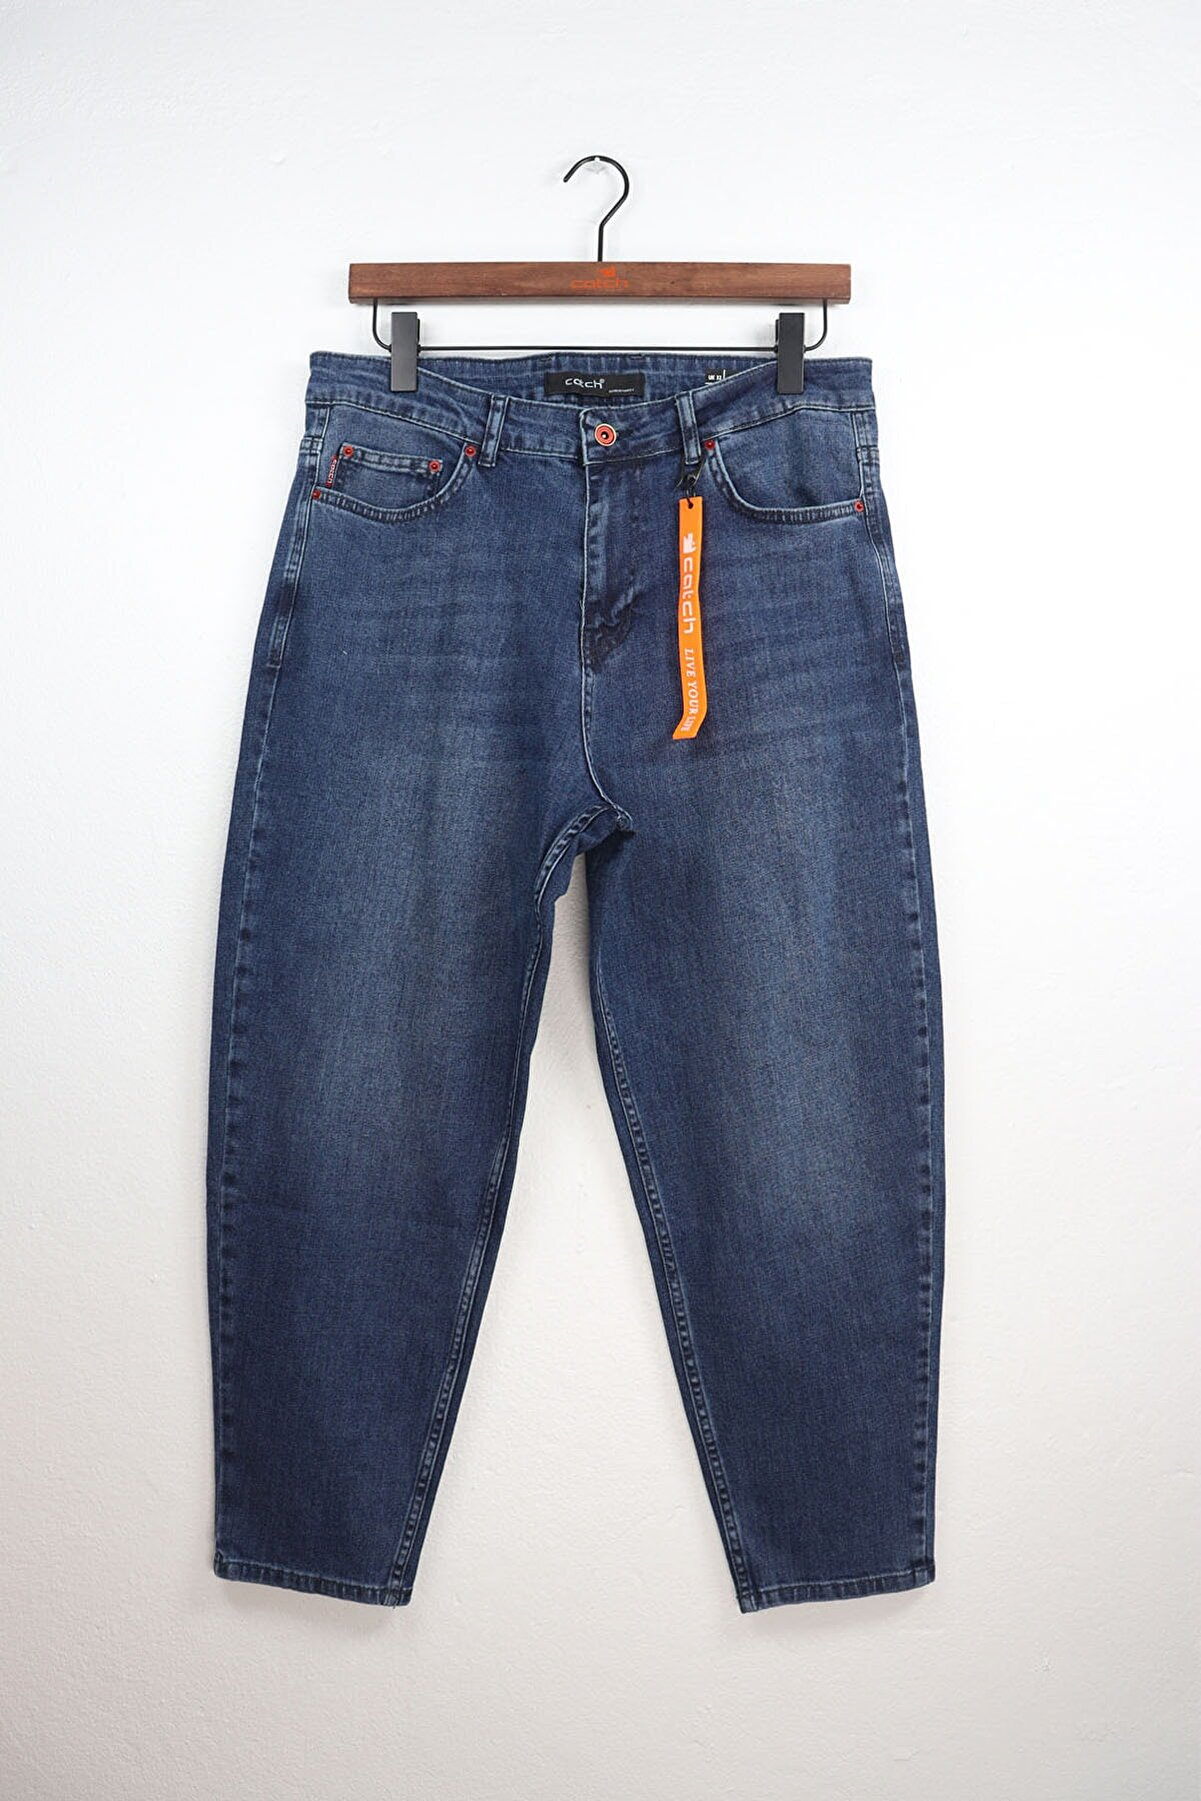 Catch Bol Kalıp Mavi Jean Pantolon 3866-g1